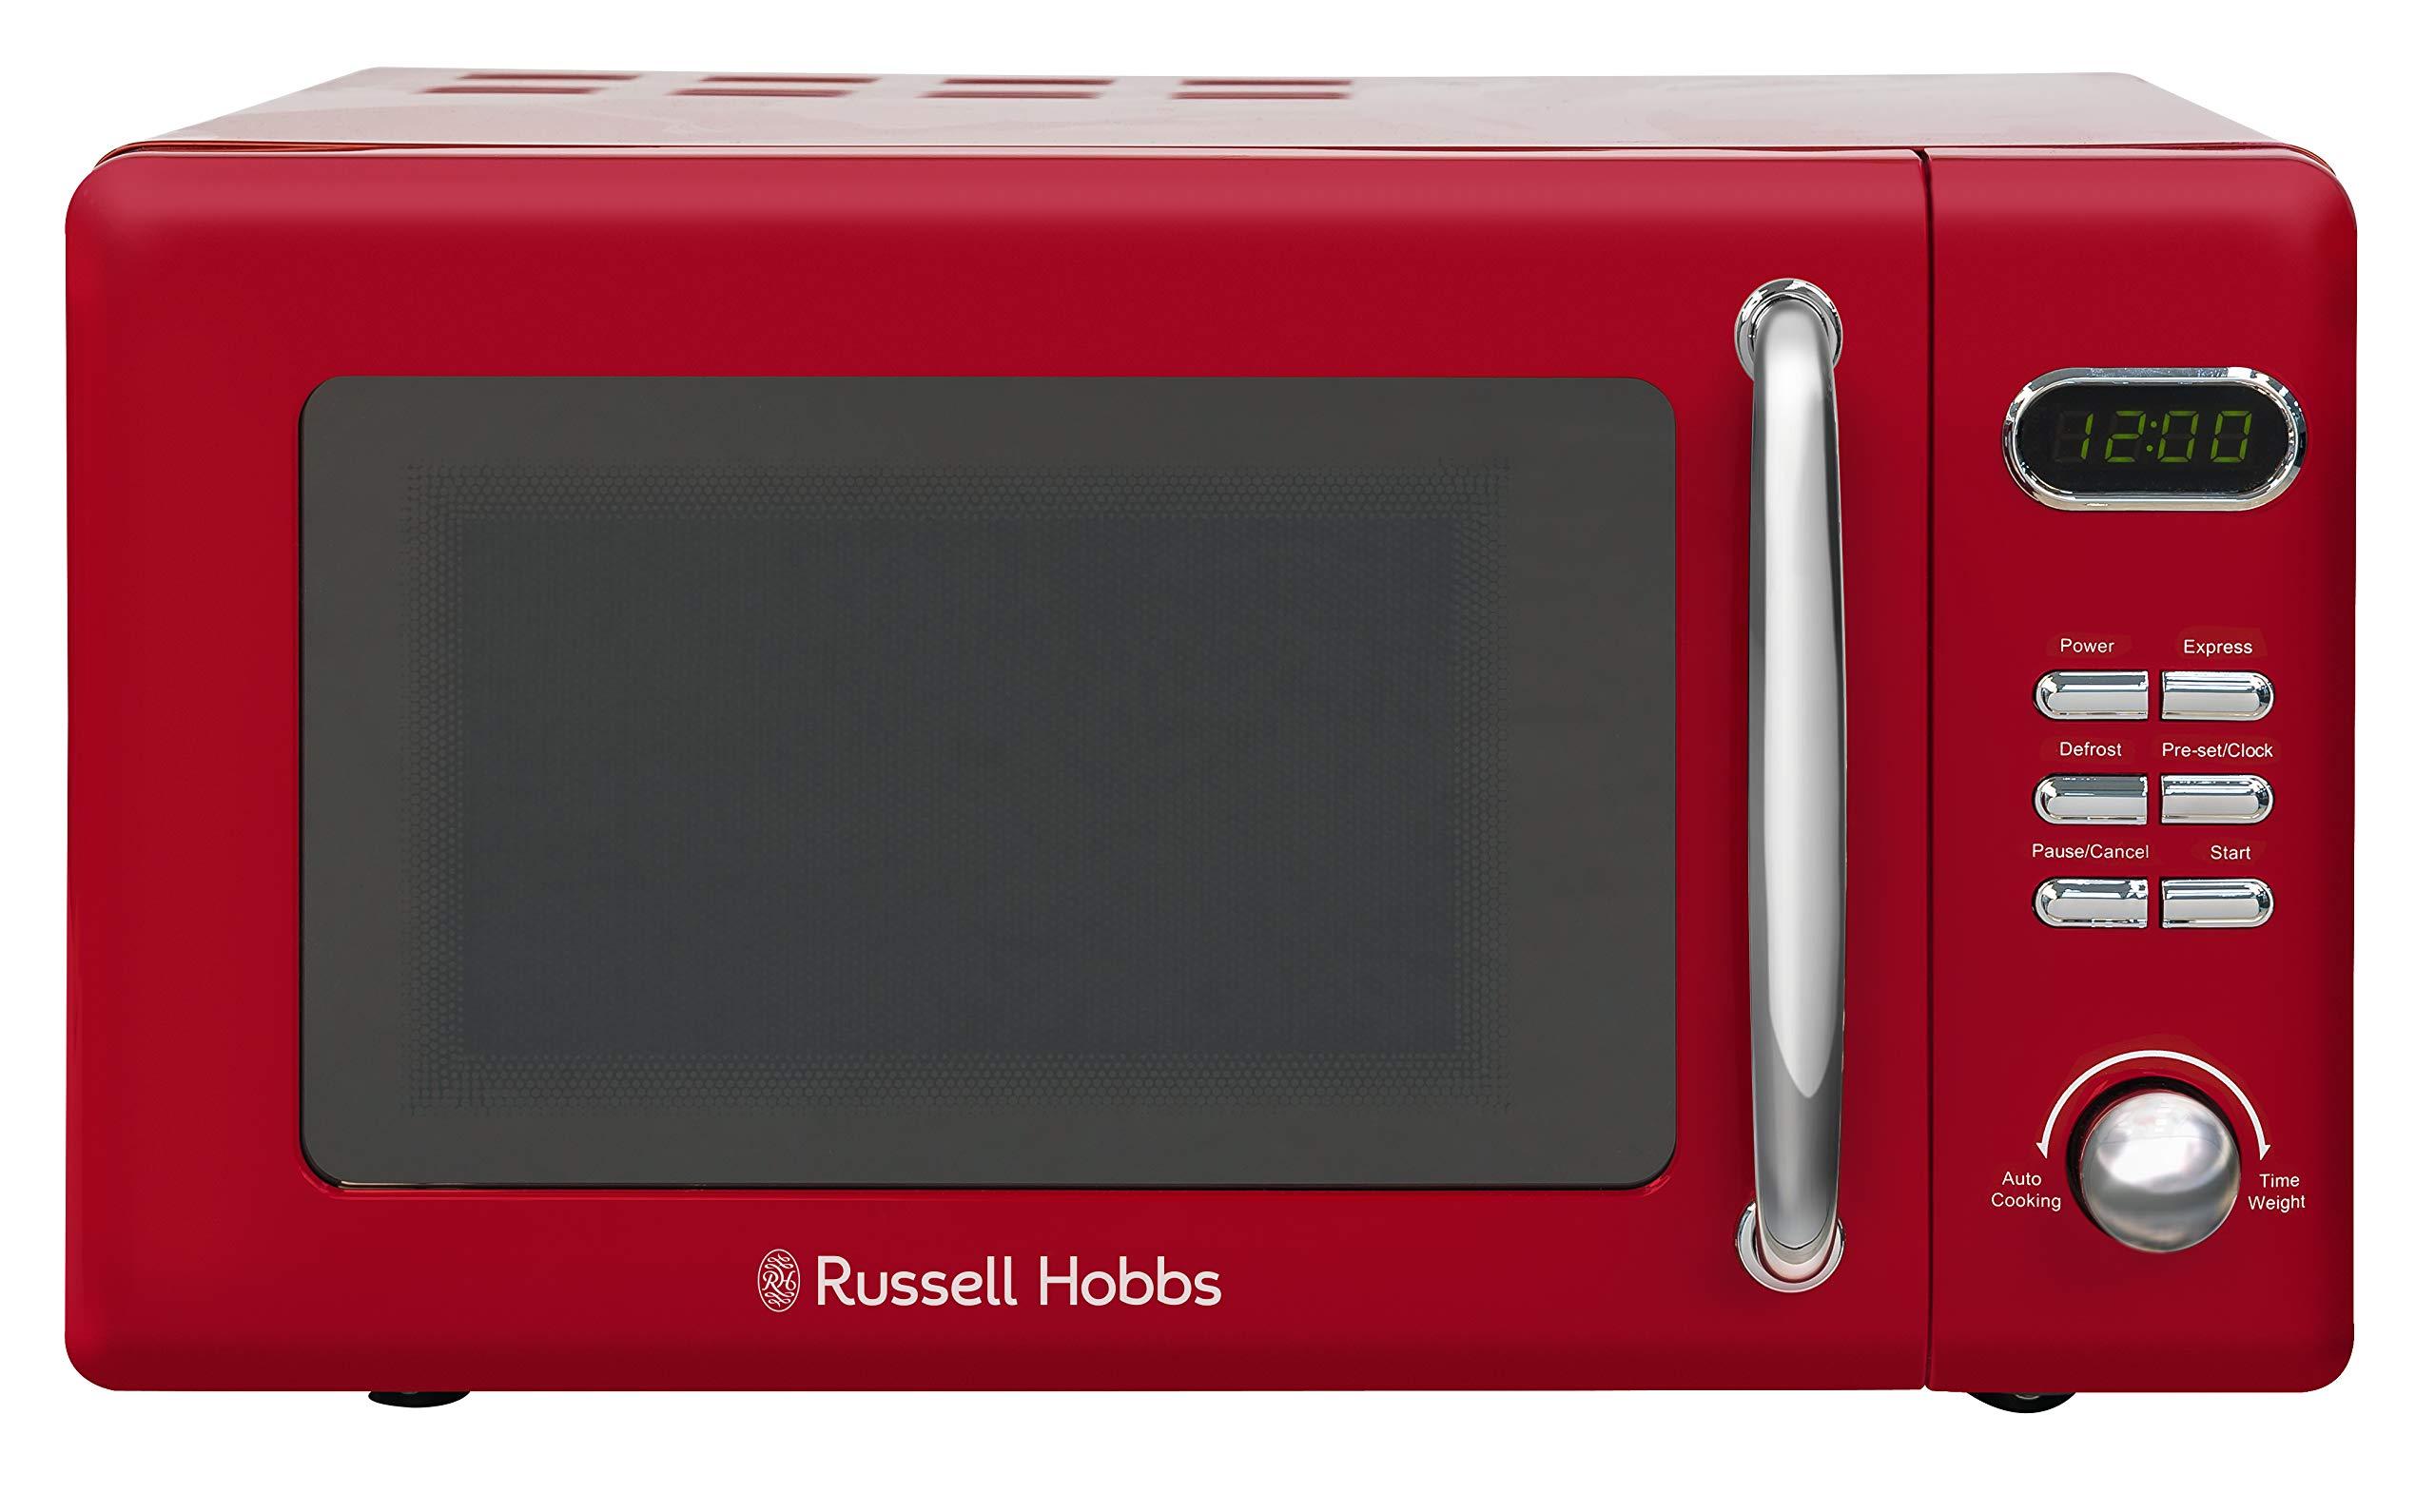 71B7cR5oNVL - Russell Hobbs RHRETMD806R Solo Microwave, Red, 17 liters